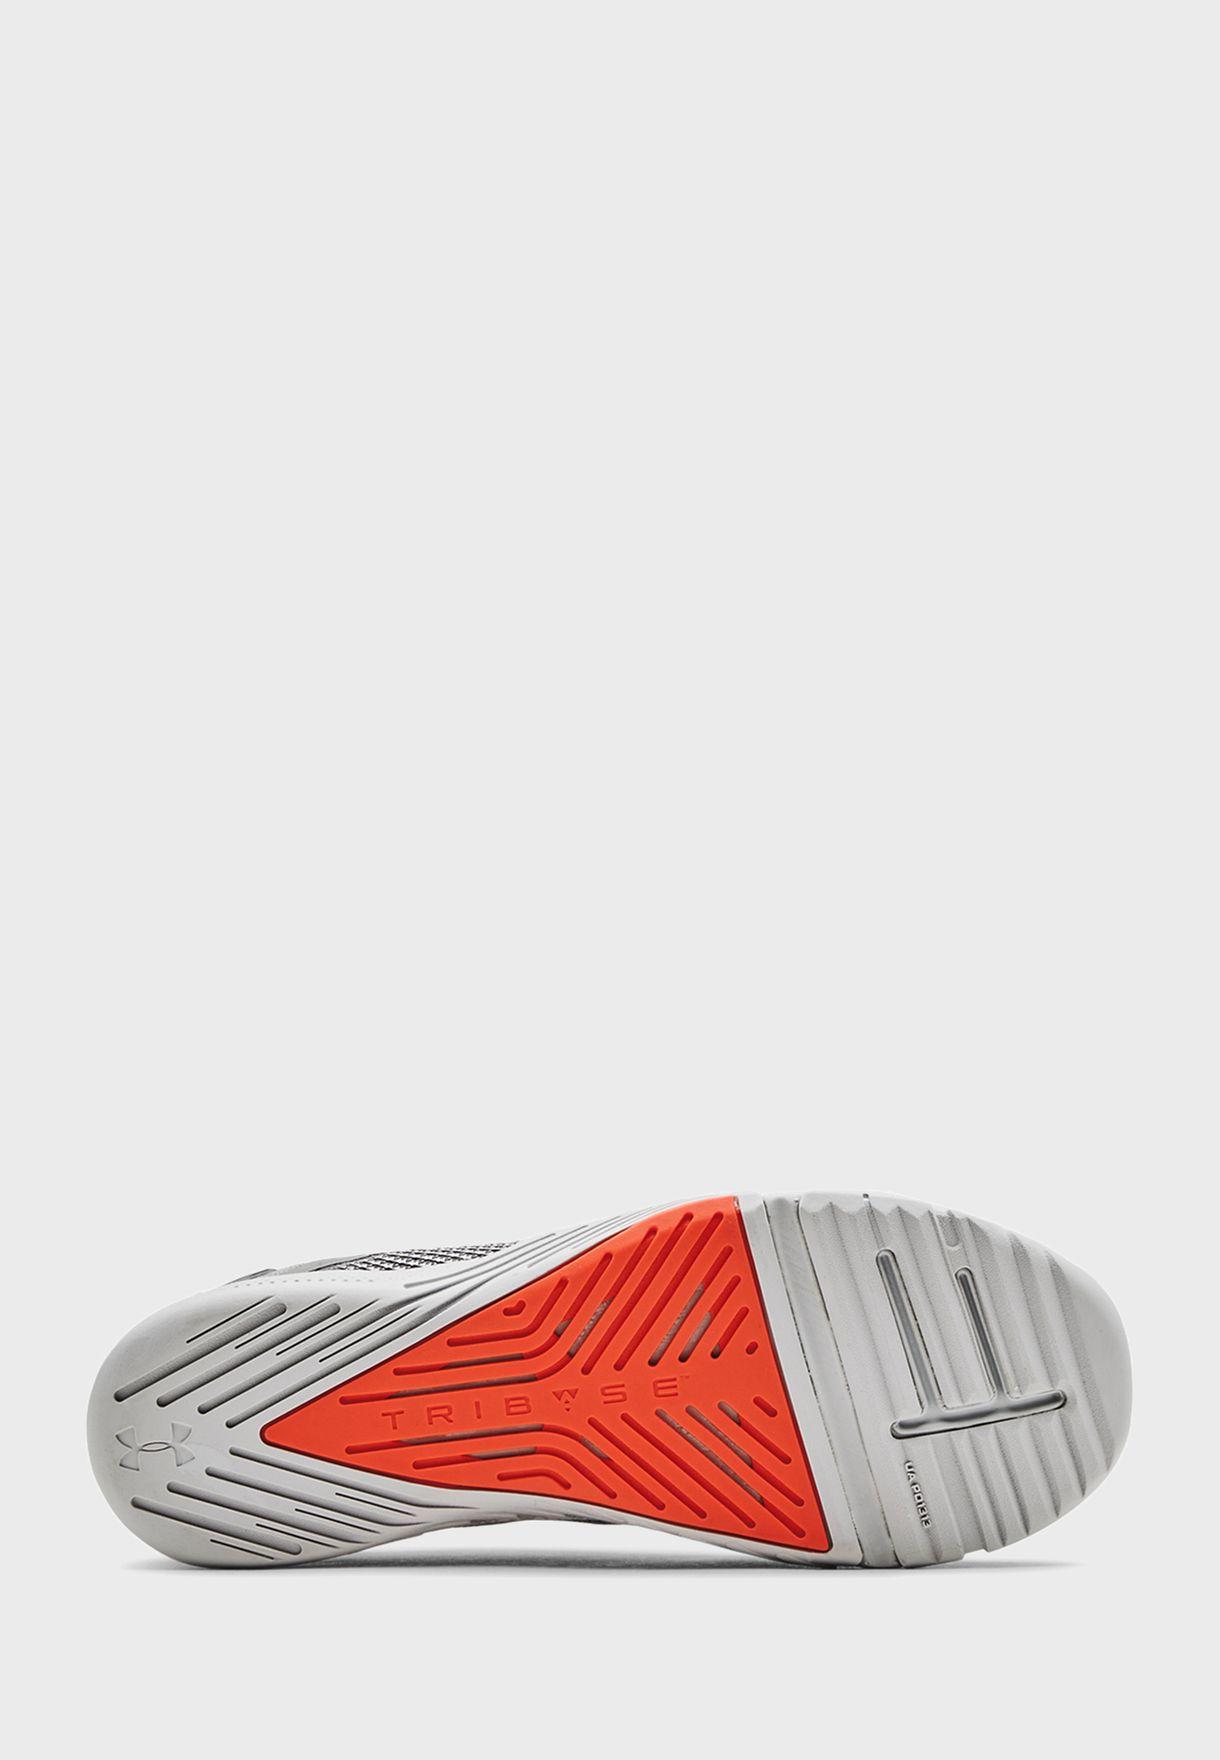 حذاء تراي بيس راين 3